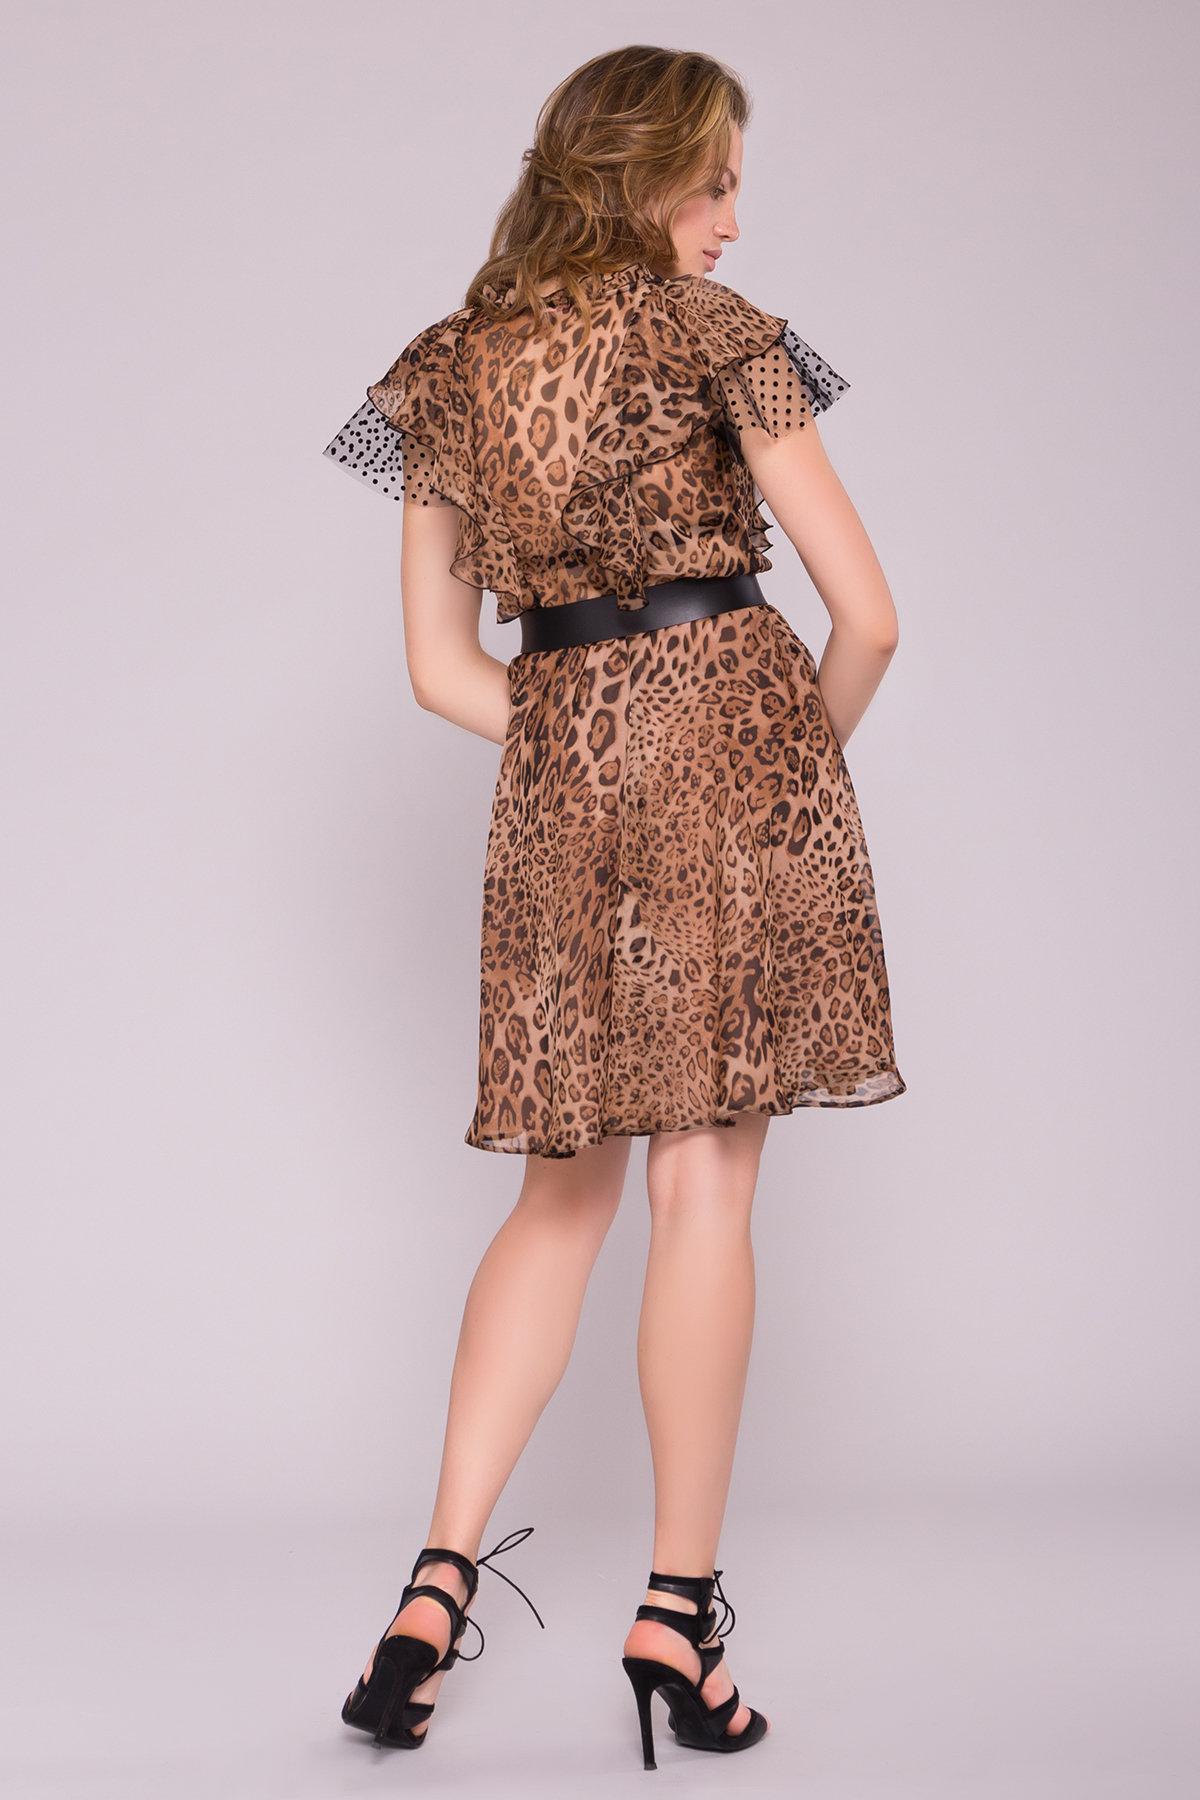 Платье Дали 7251 АРТ. 42805 Цвет: Леопард 1 - фото 3, интернет магазин tm-modus.ru